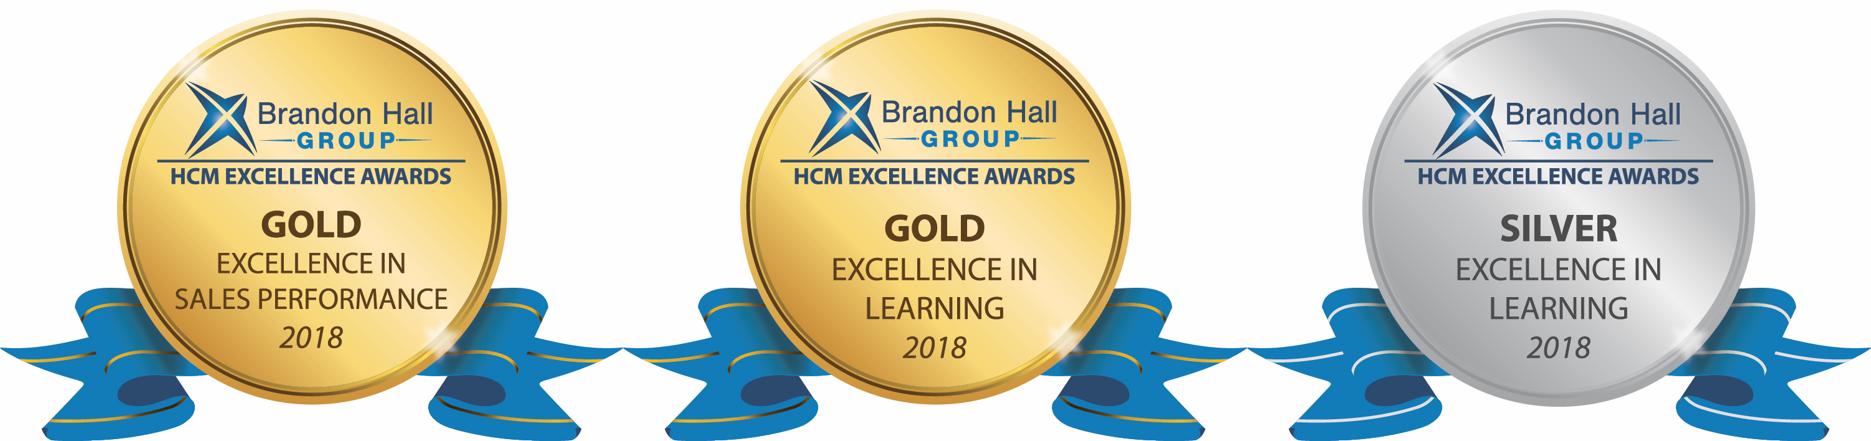 Brandon Hall Awards 2018.png